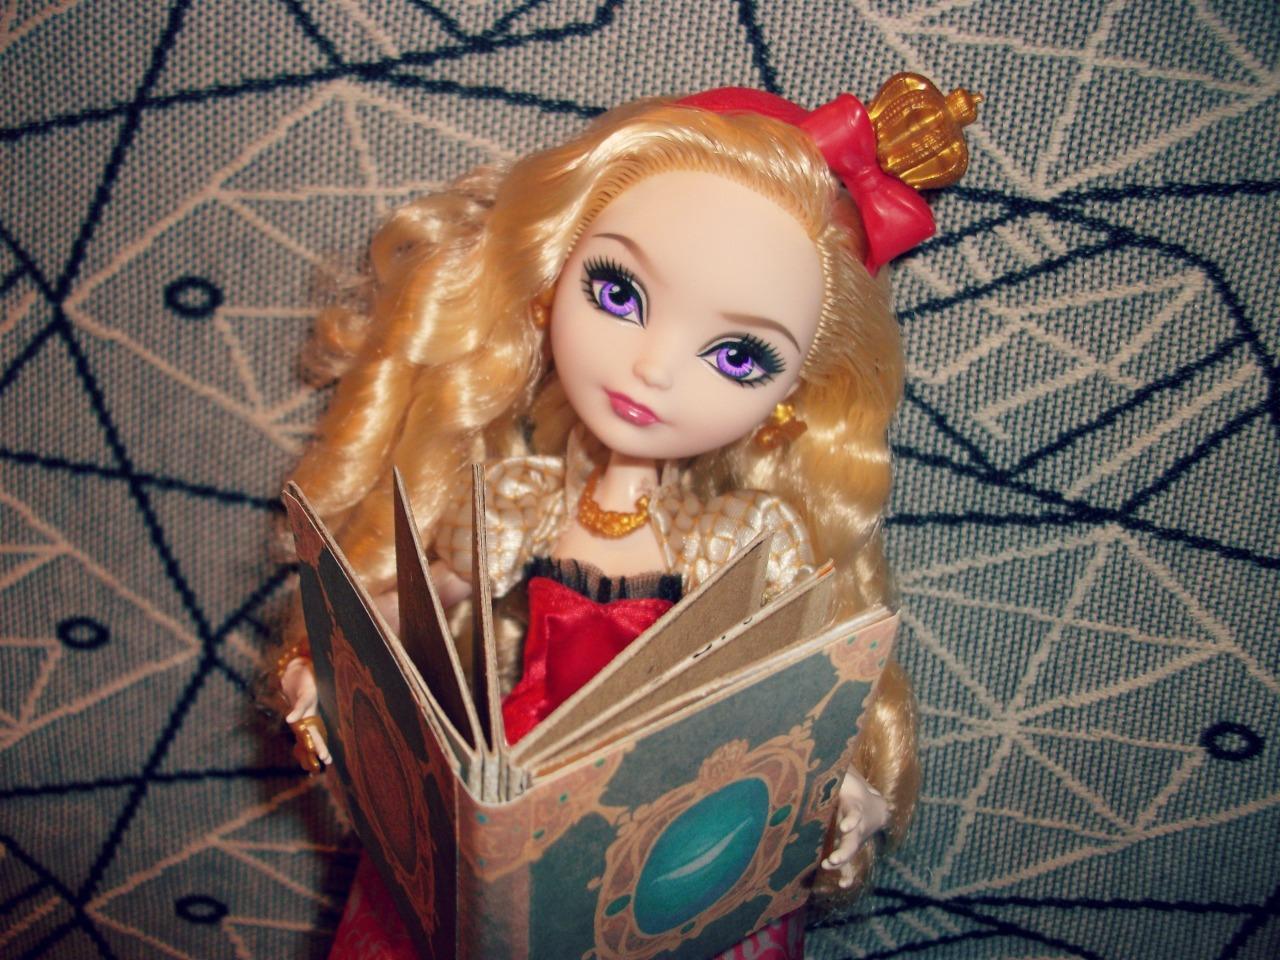 Поделки для кукол своими руками эвер афтер хай